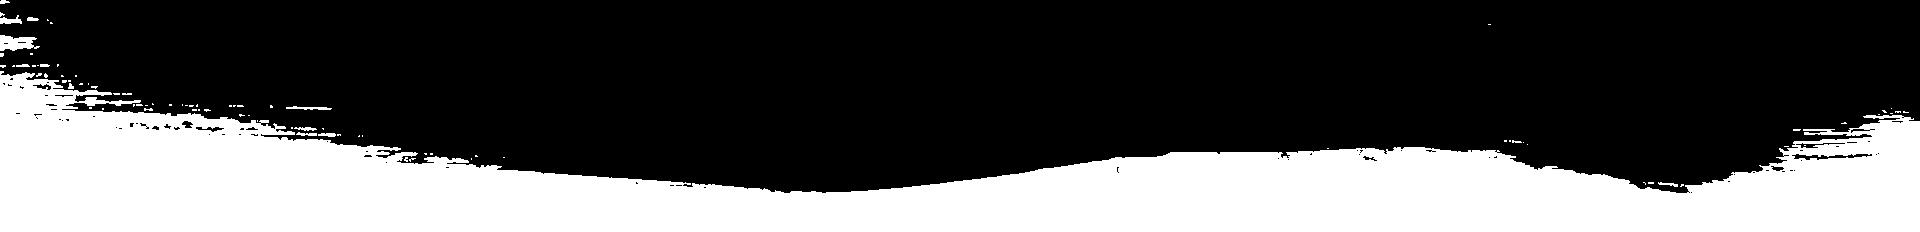 Agencija za upoznavanje cyrano 2 bölüm izle